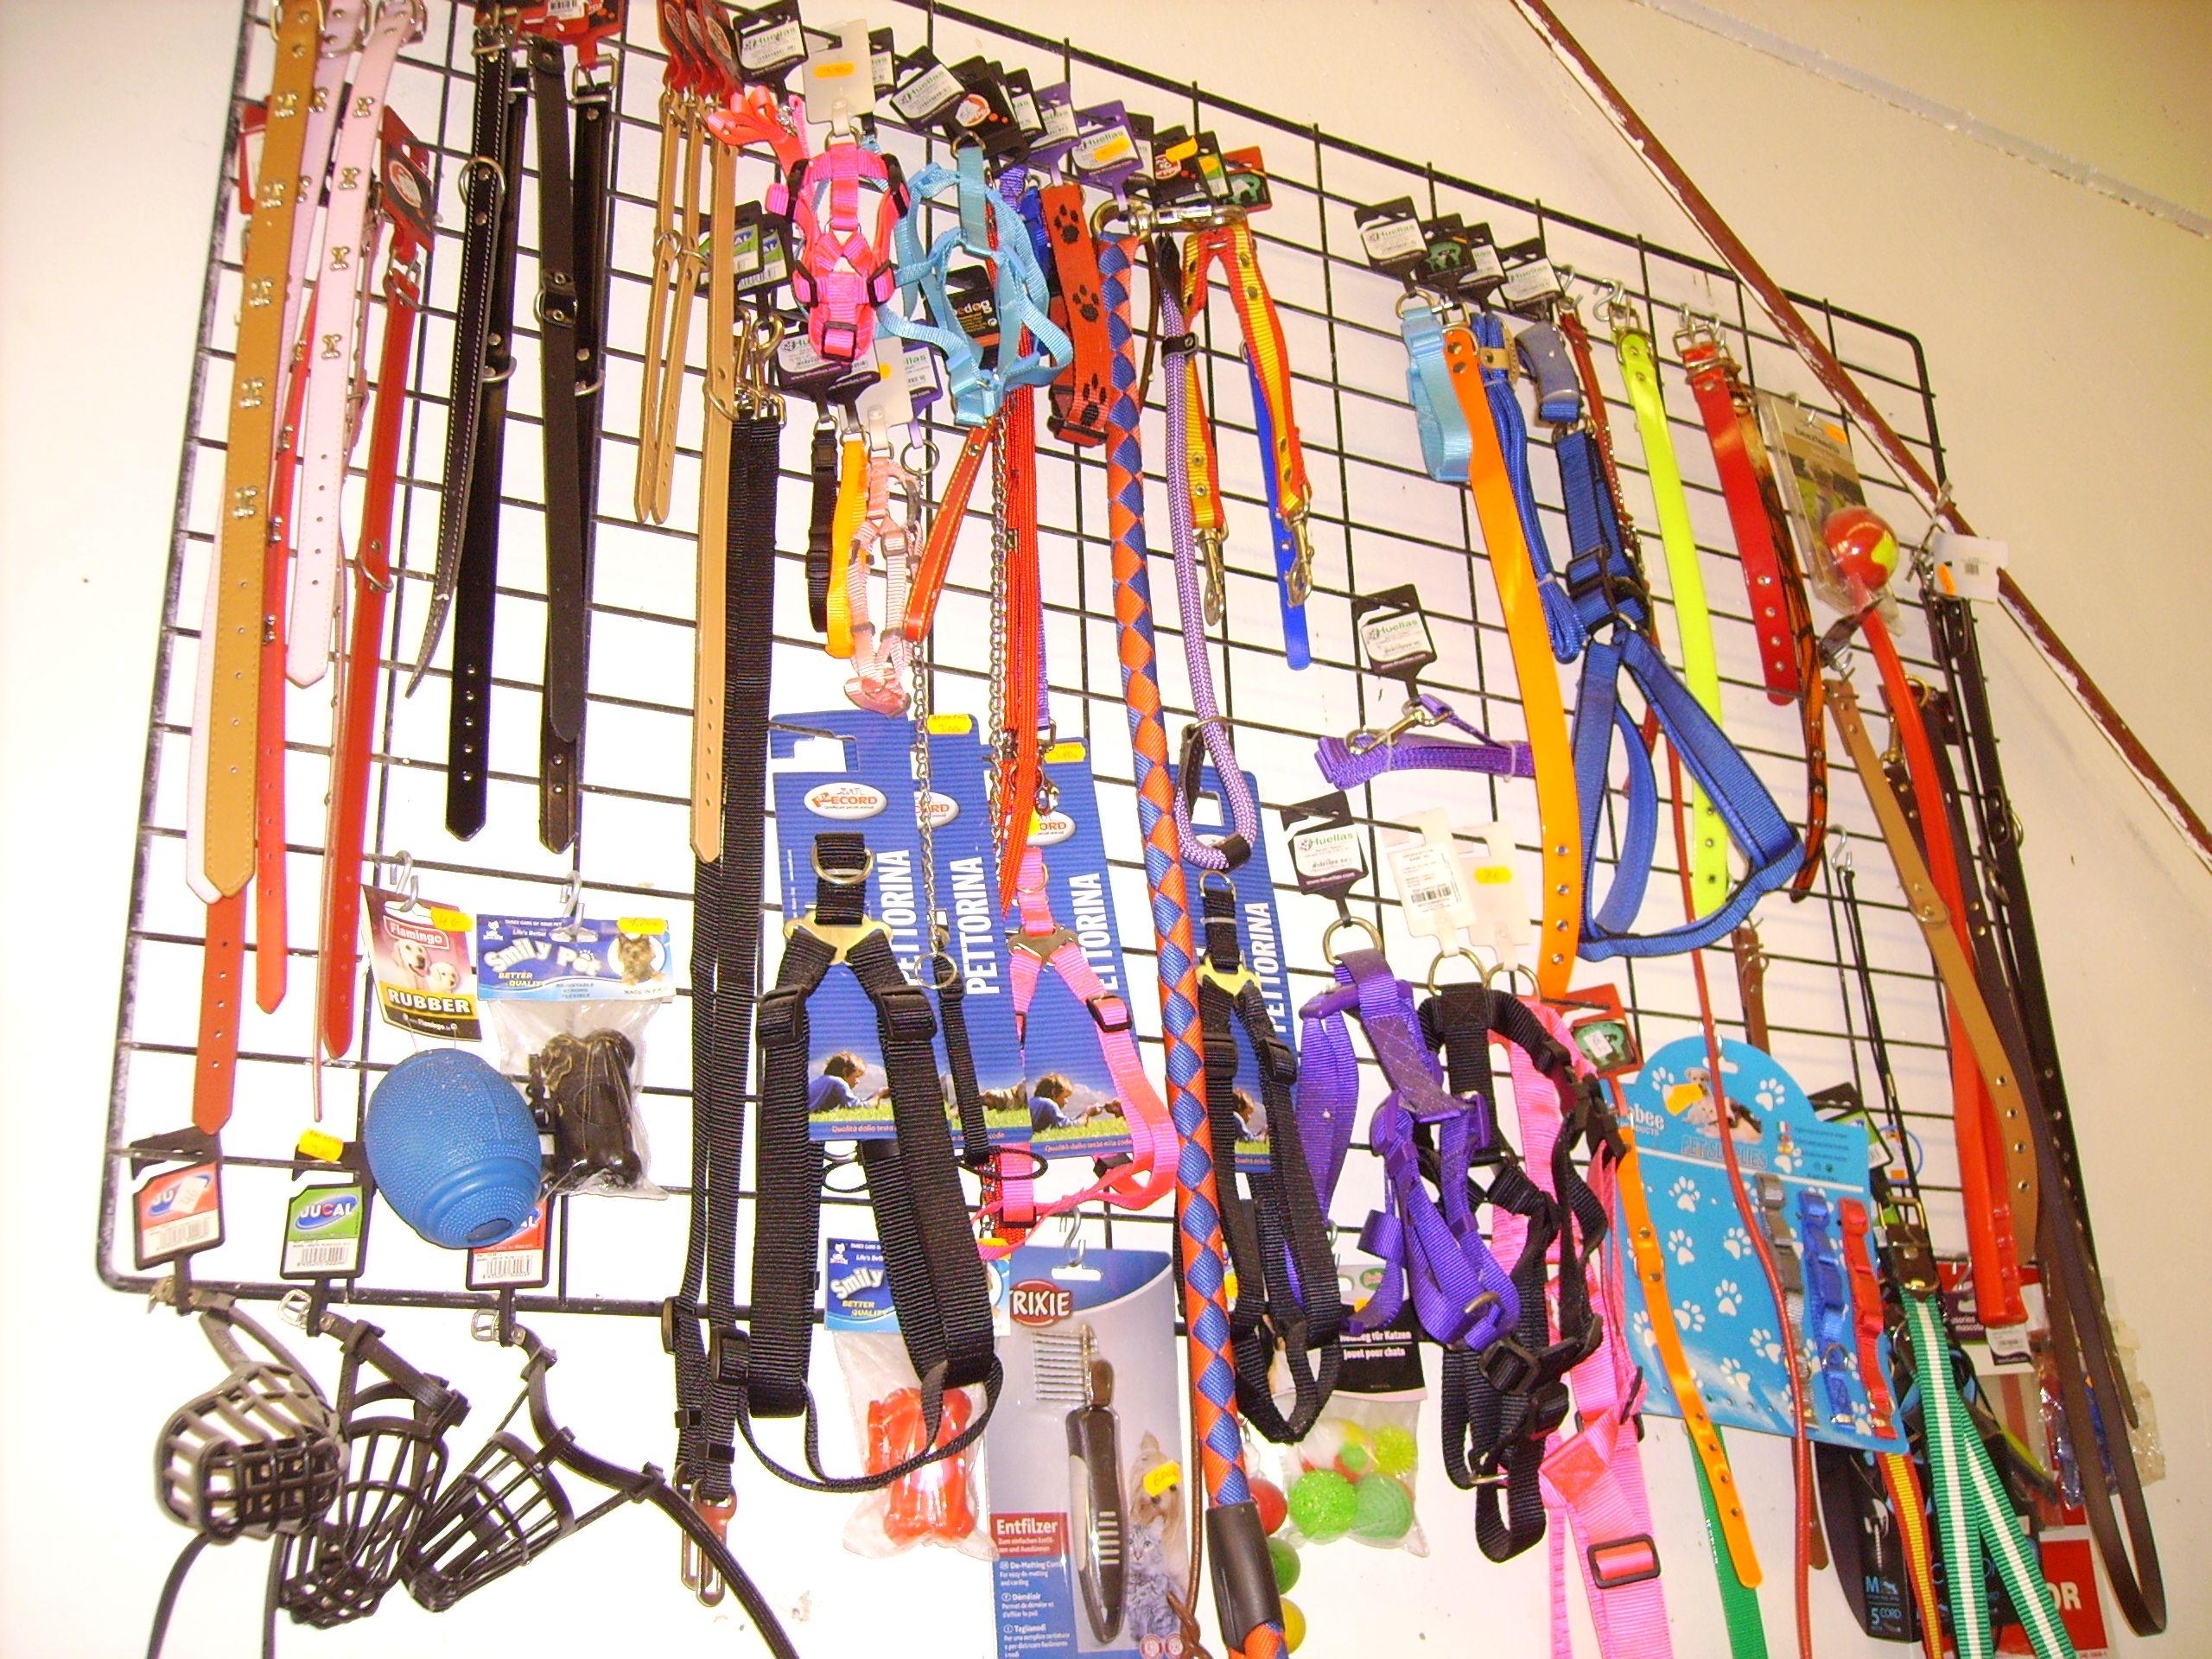 Tienda complementos y accesorios animales Aljarafe